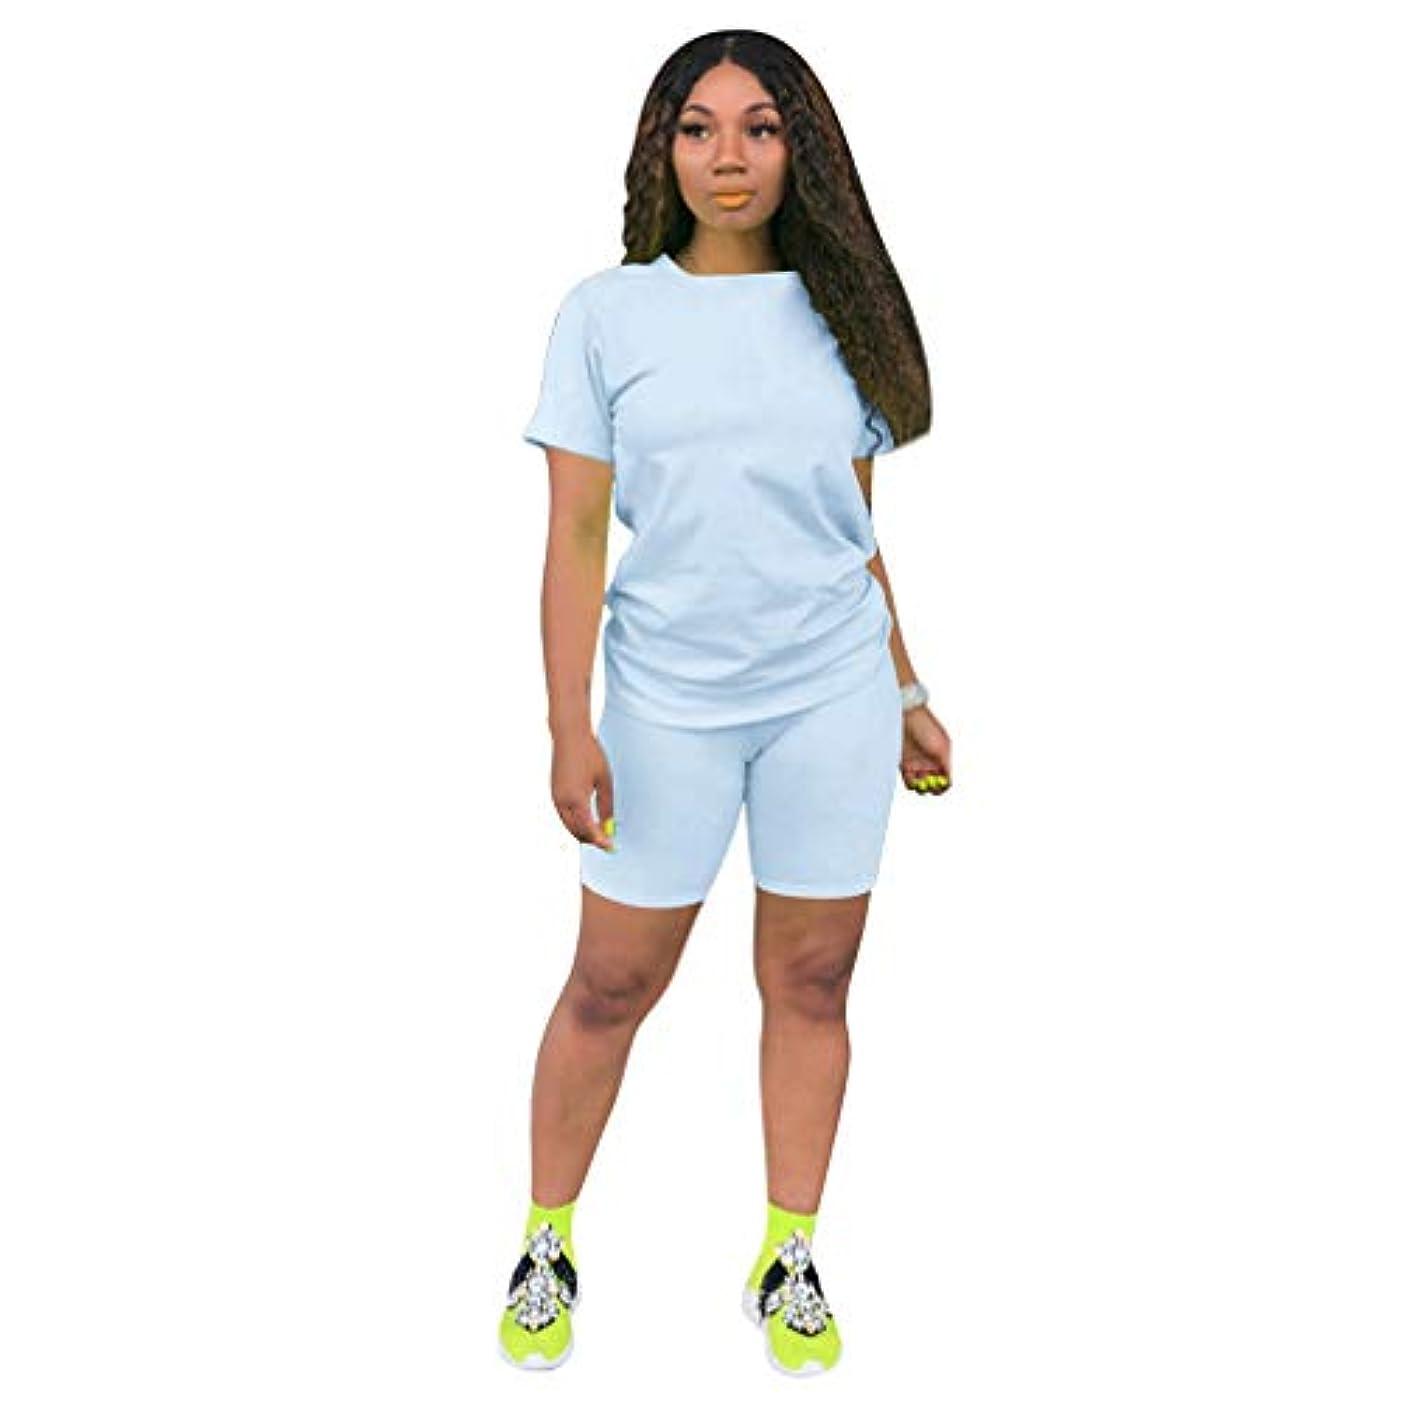 一貫性のない連合素敵な女性のツーピース服トラックスーツセット - カジュアルストレッチショートスリーブシャツトップスキニーショートパンツジョギングYoggaスポーツ,Light blue,XXXL